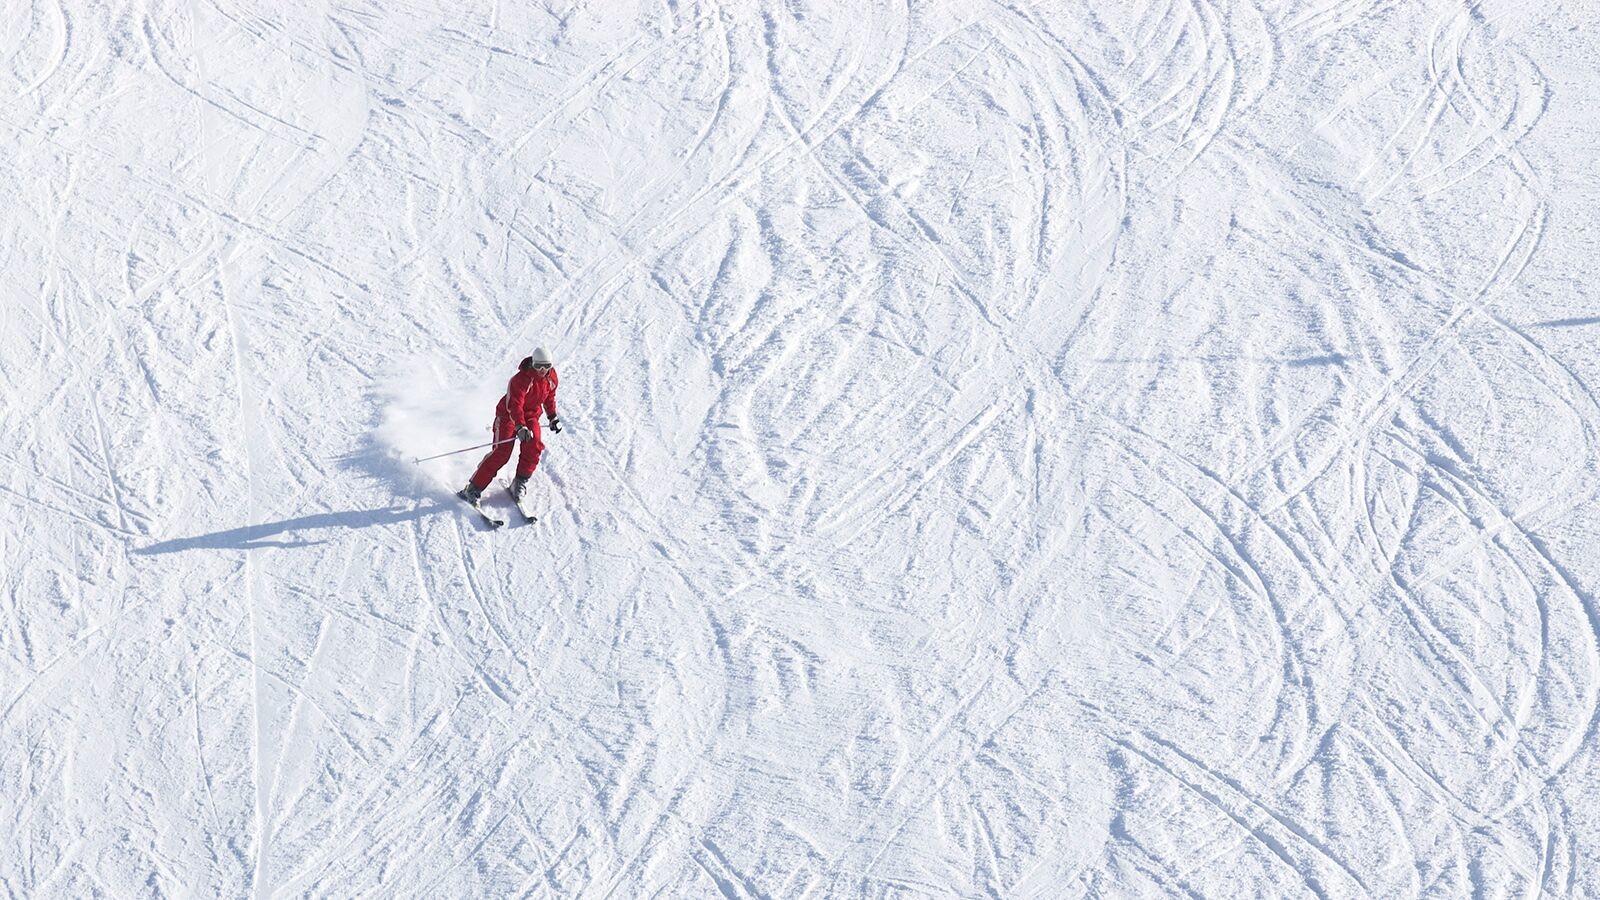 Ski down hill